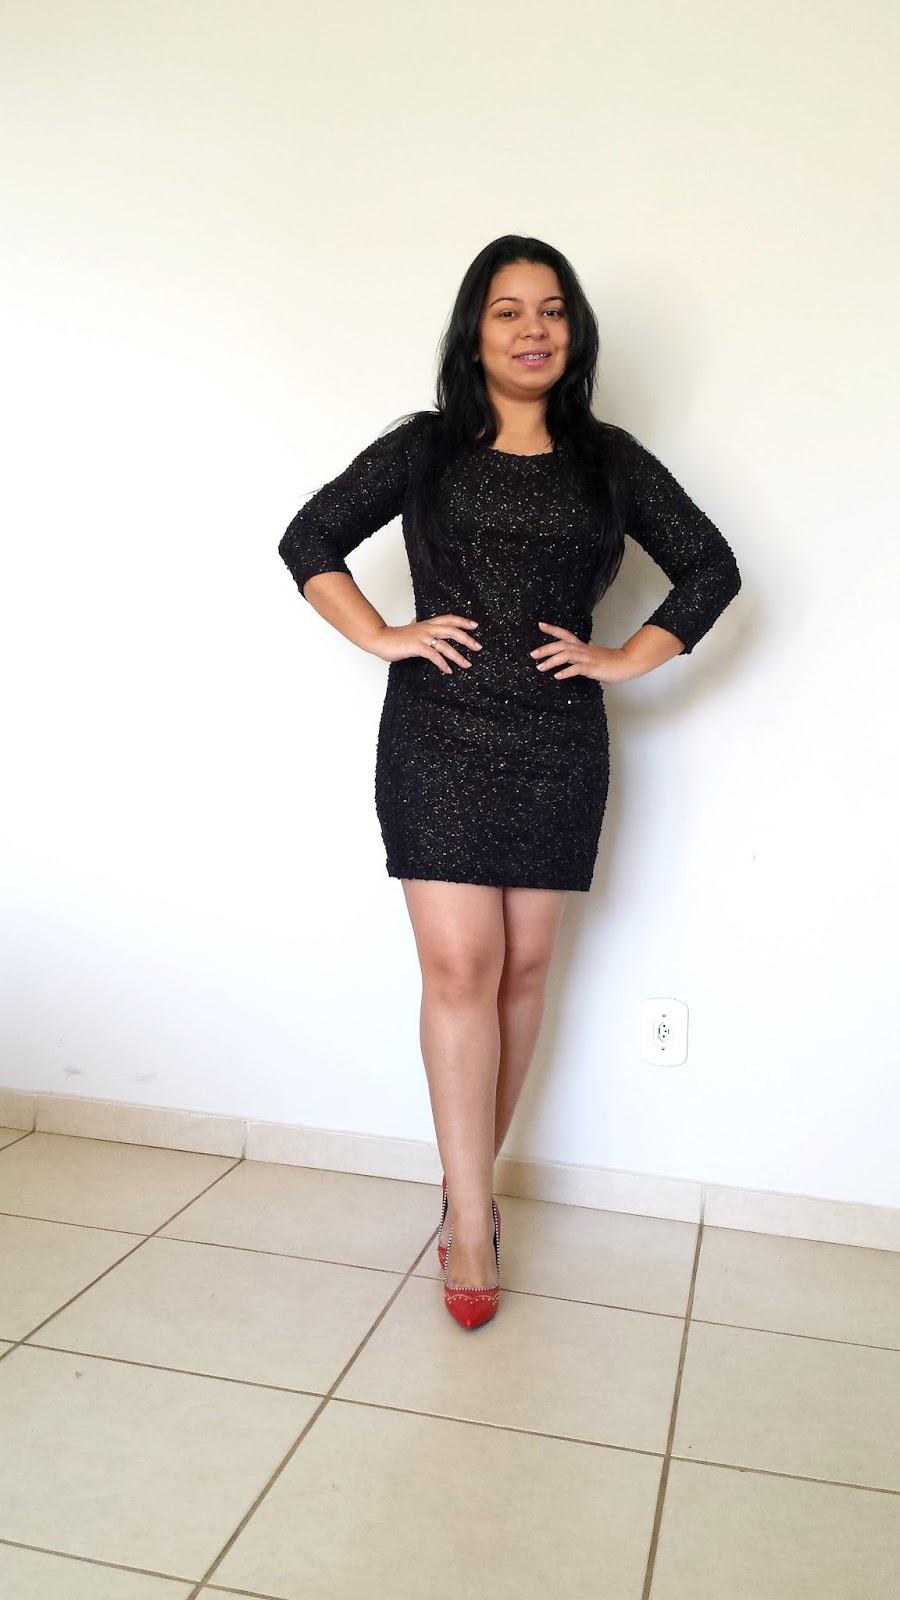 Look do dia: Vestido preto com brilho